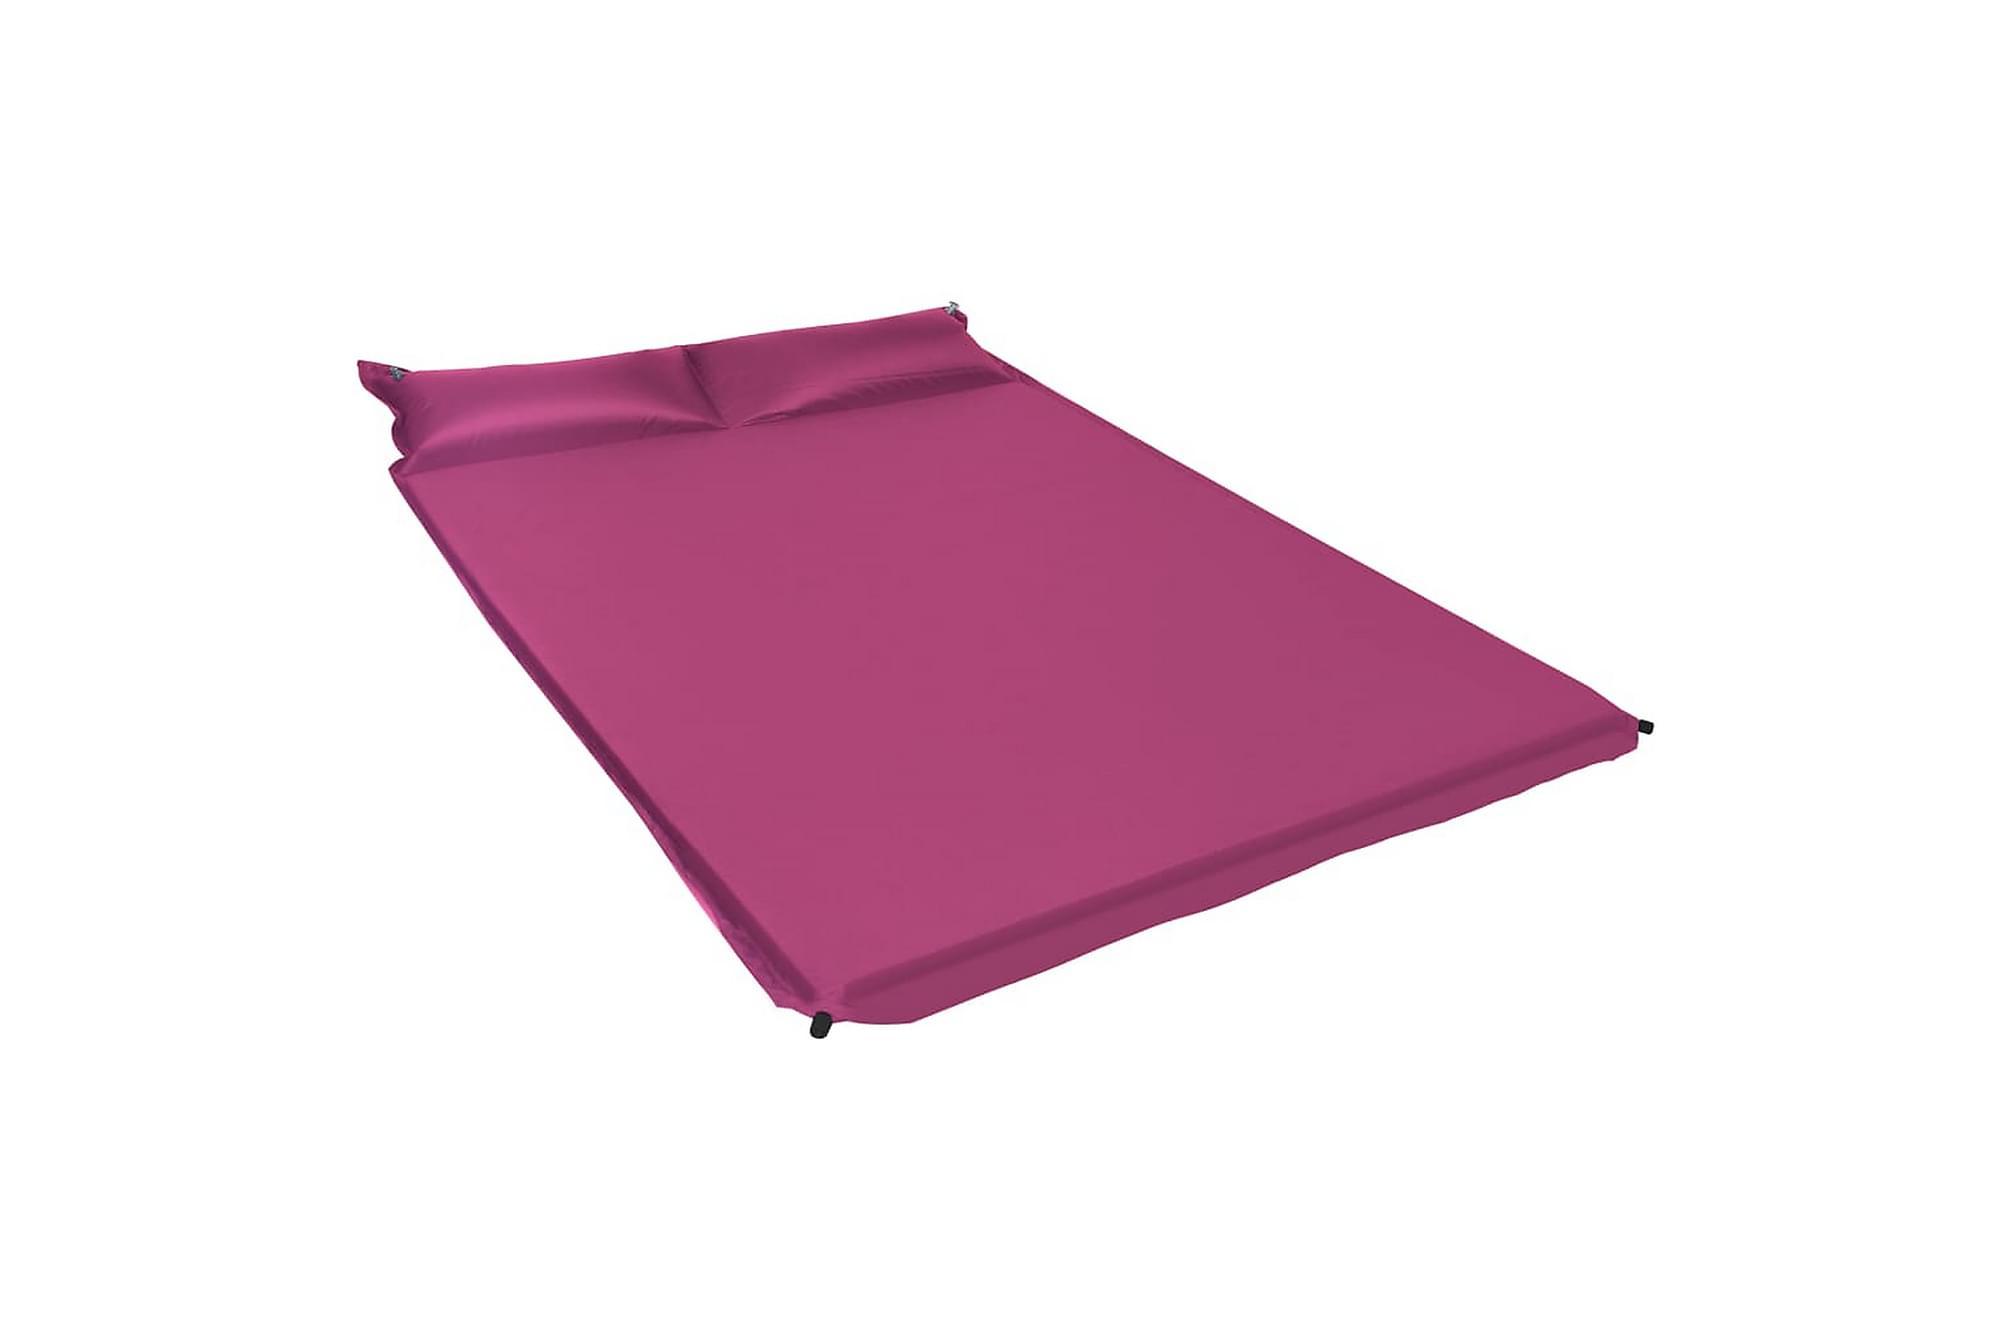 Luftmadrass med kudde 130x190 cm rosa, Luftmadrasser & uppblåsbara madrass